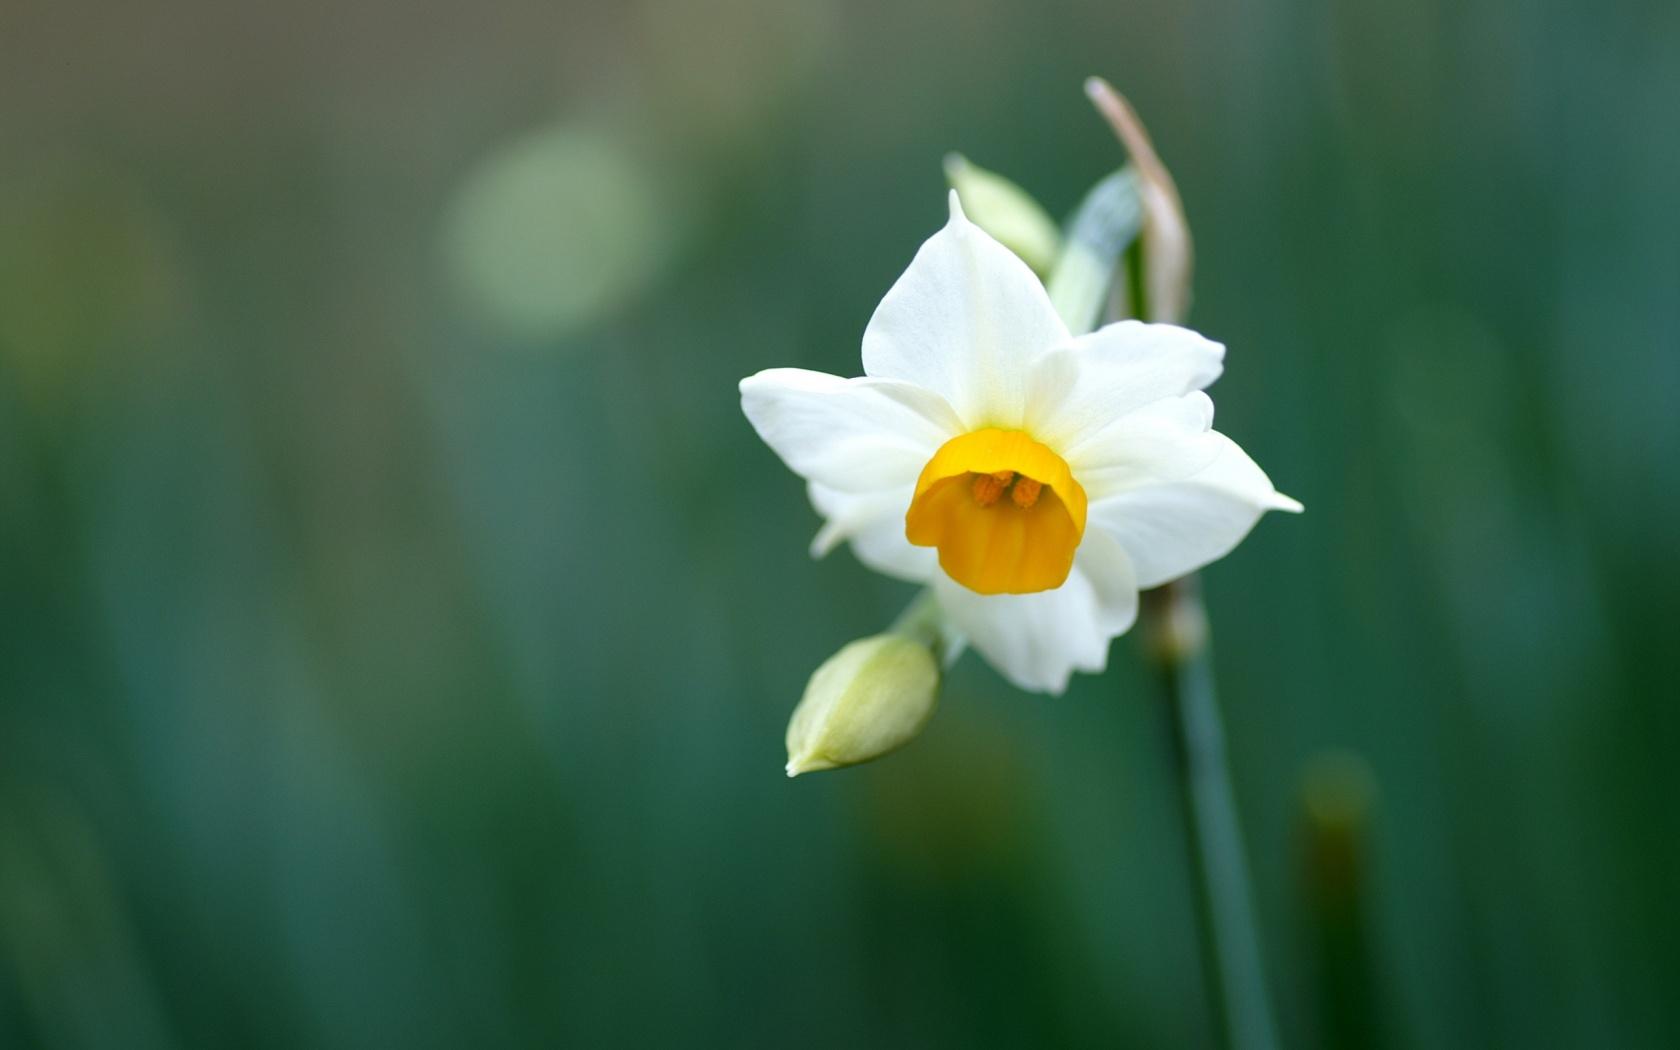 Daffodil Wallpaper